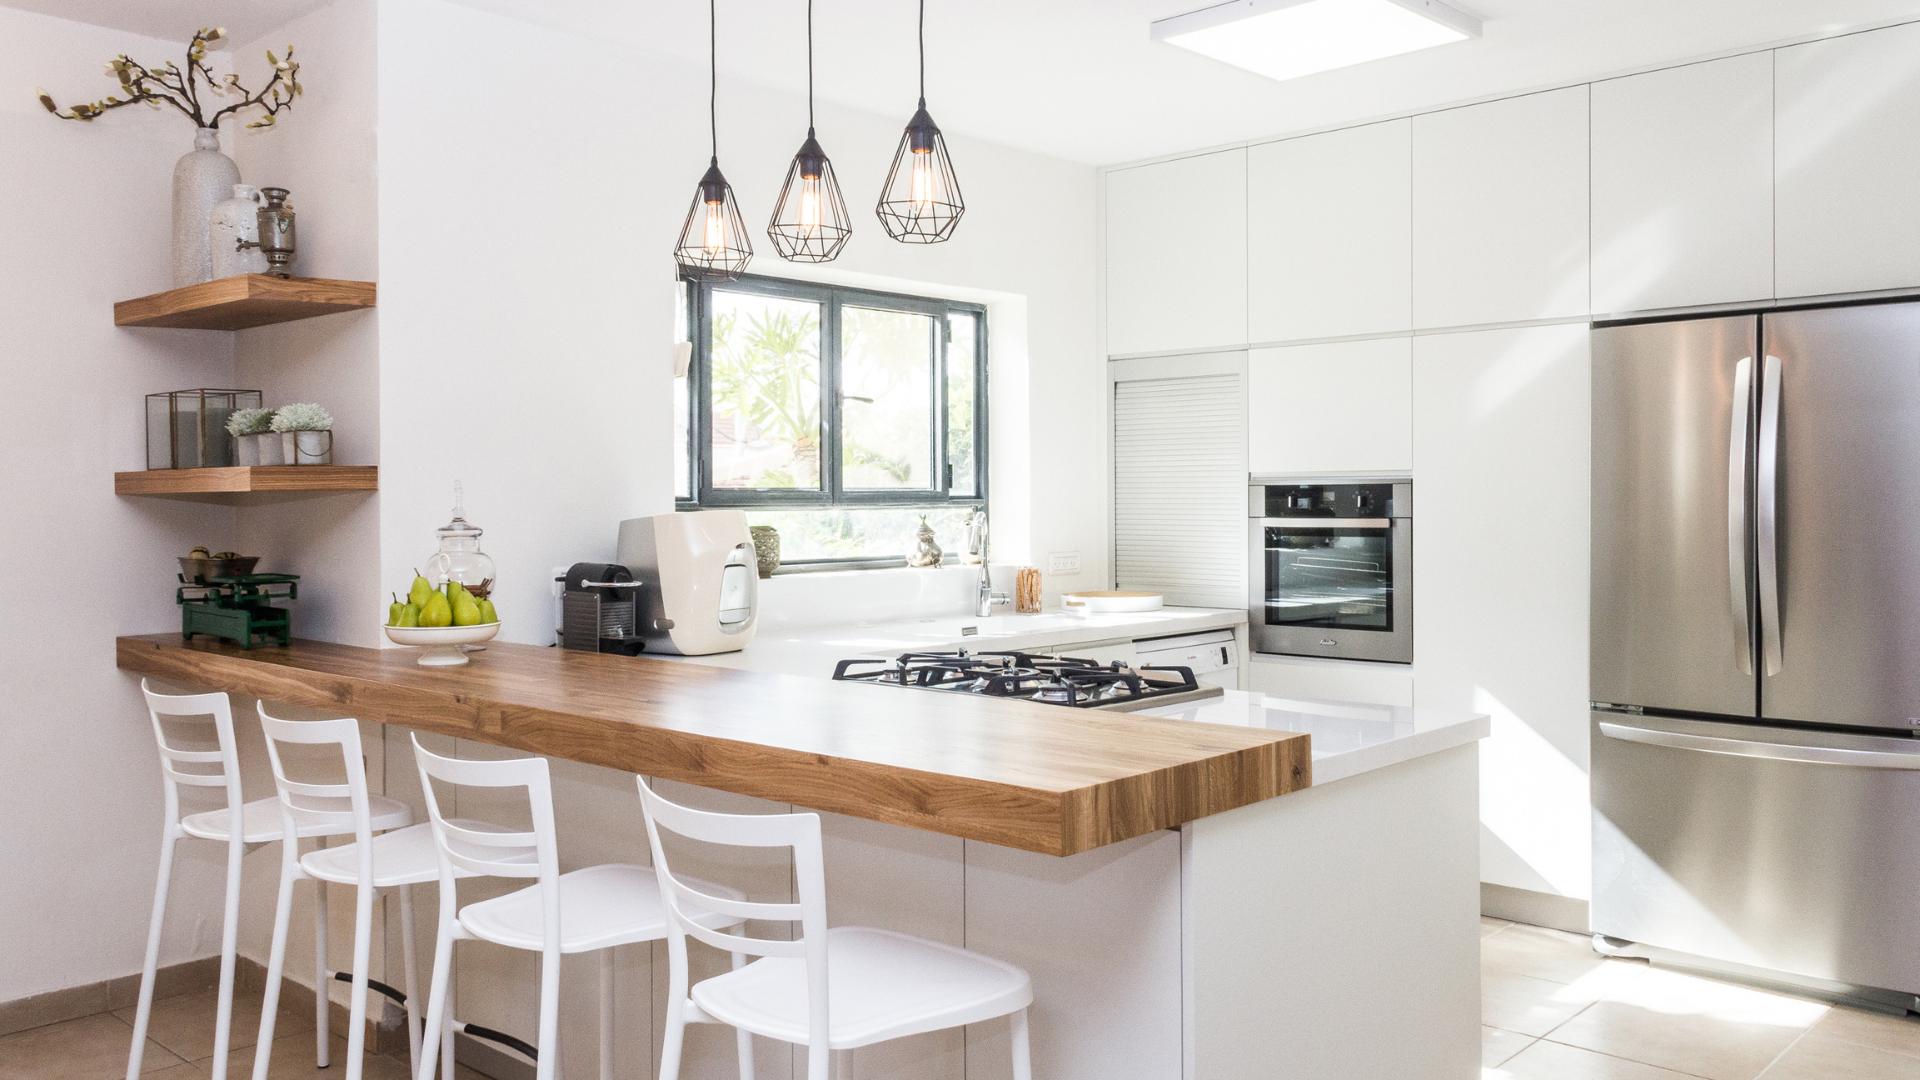 ventilatie in huis keuken